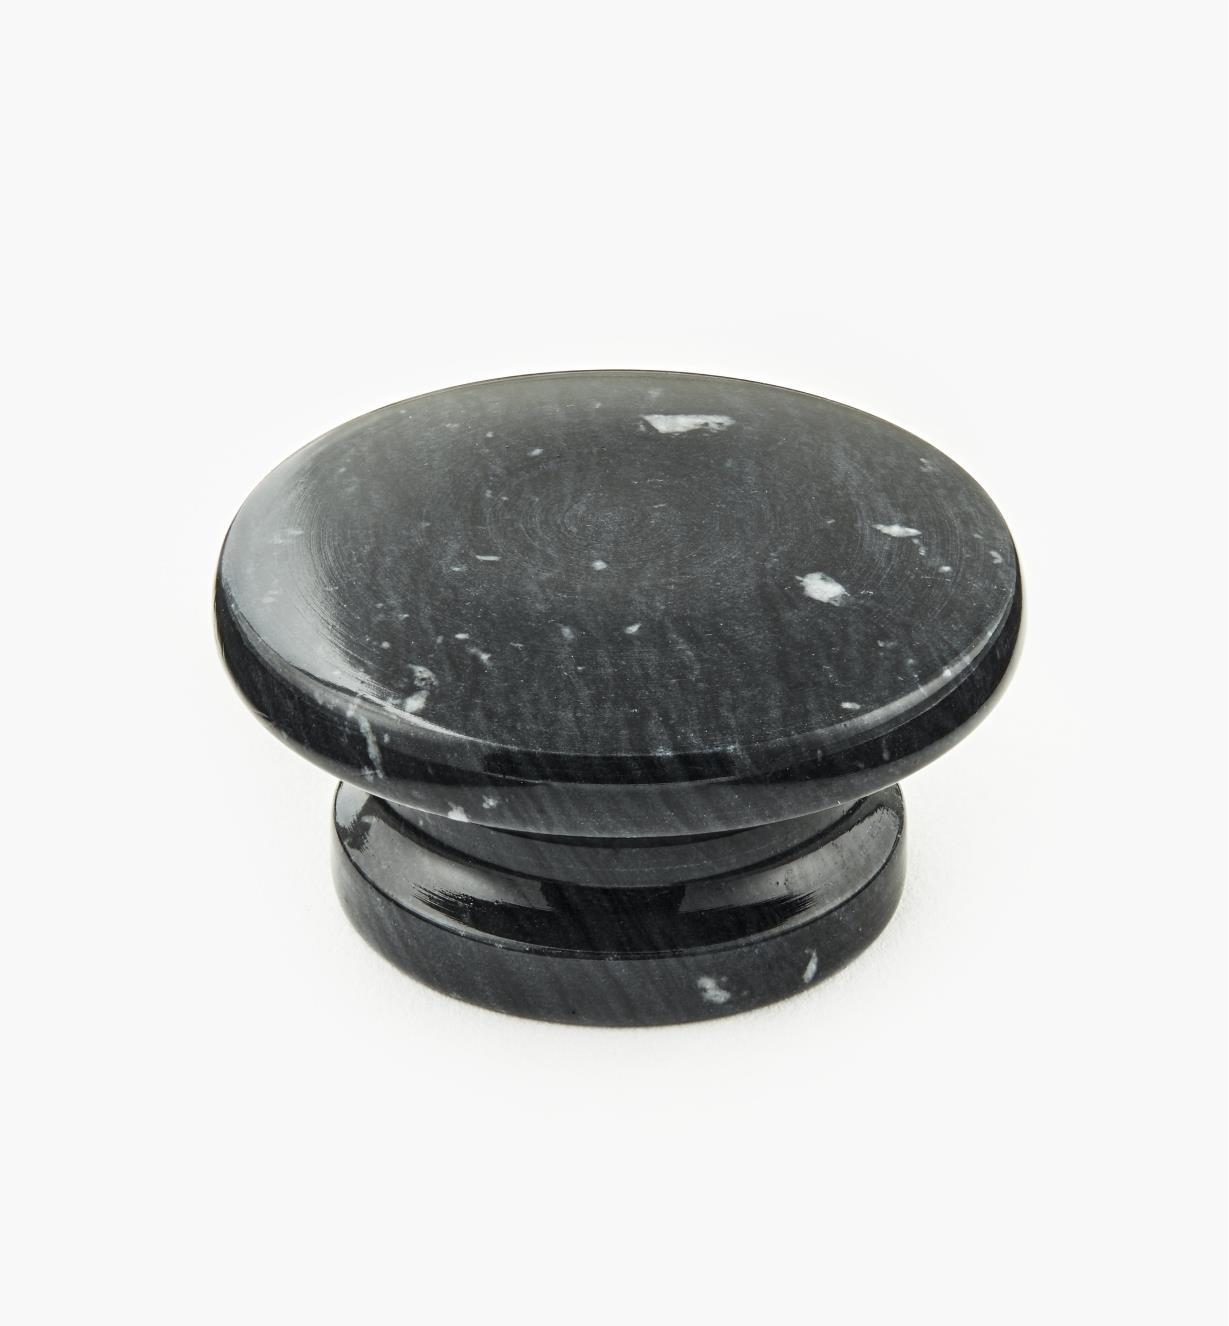 00W4043 - Bouton en marbre, noir, 50 mm x 25 mm